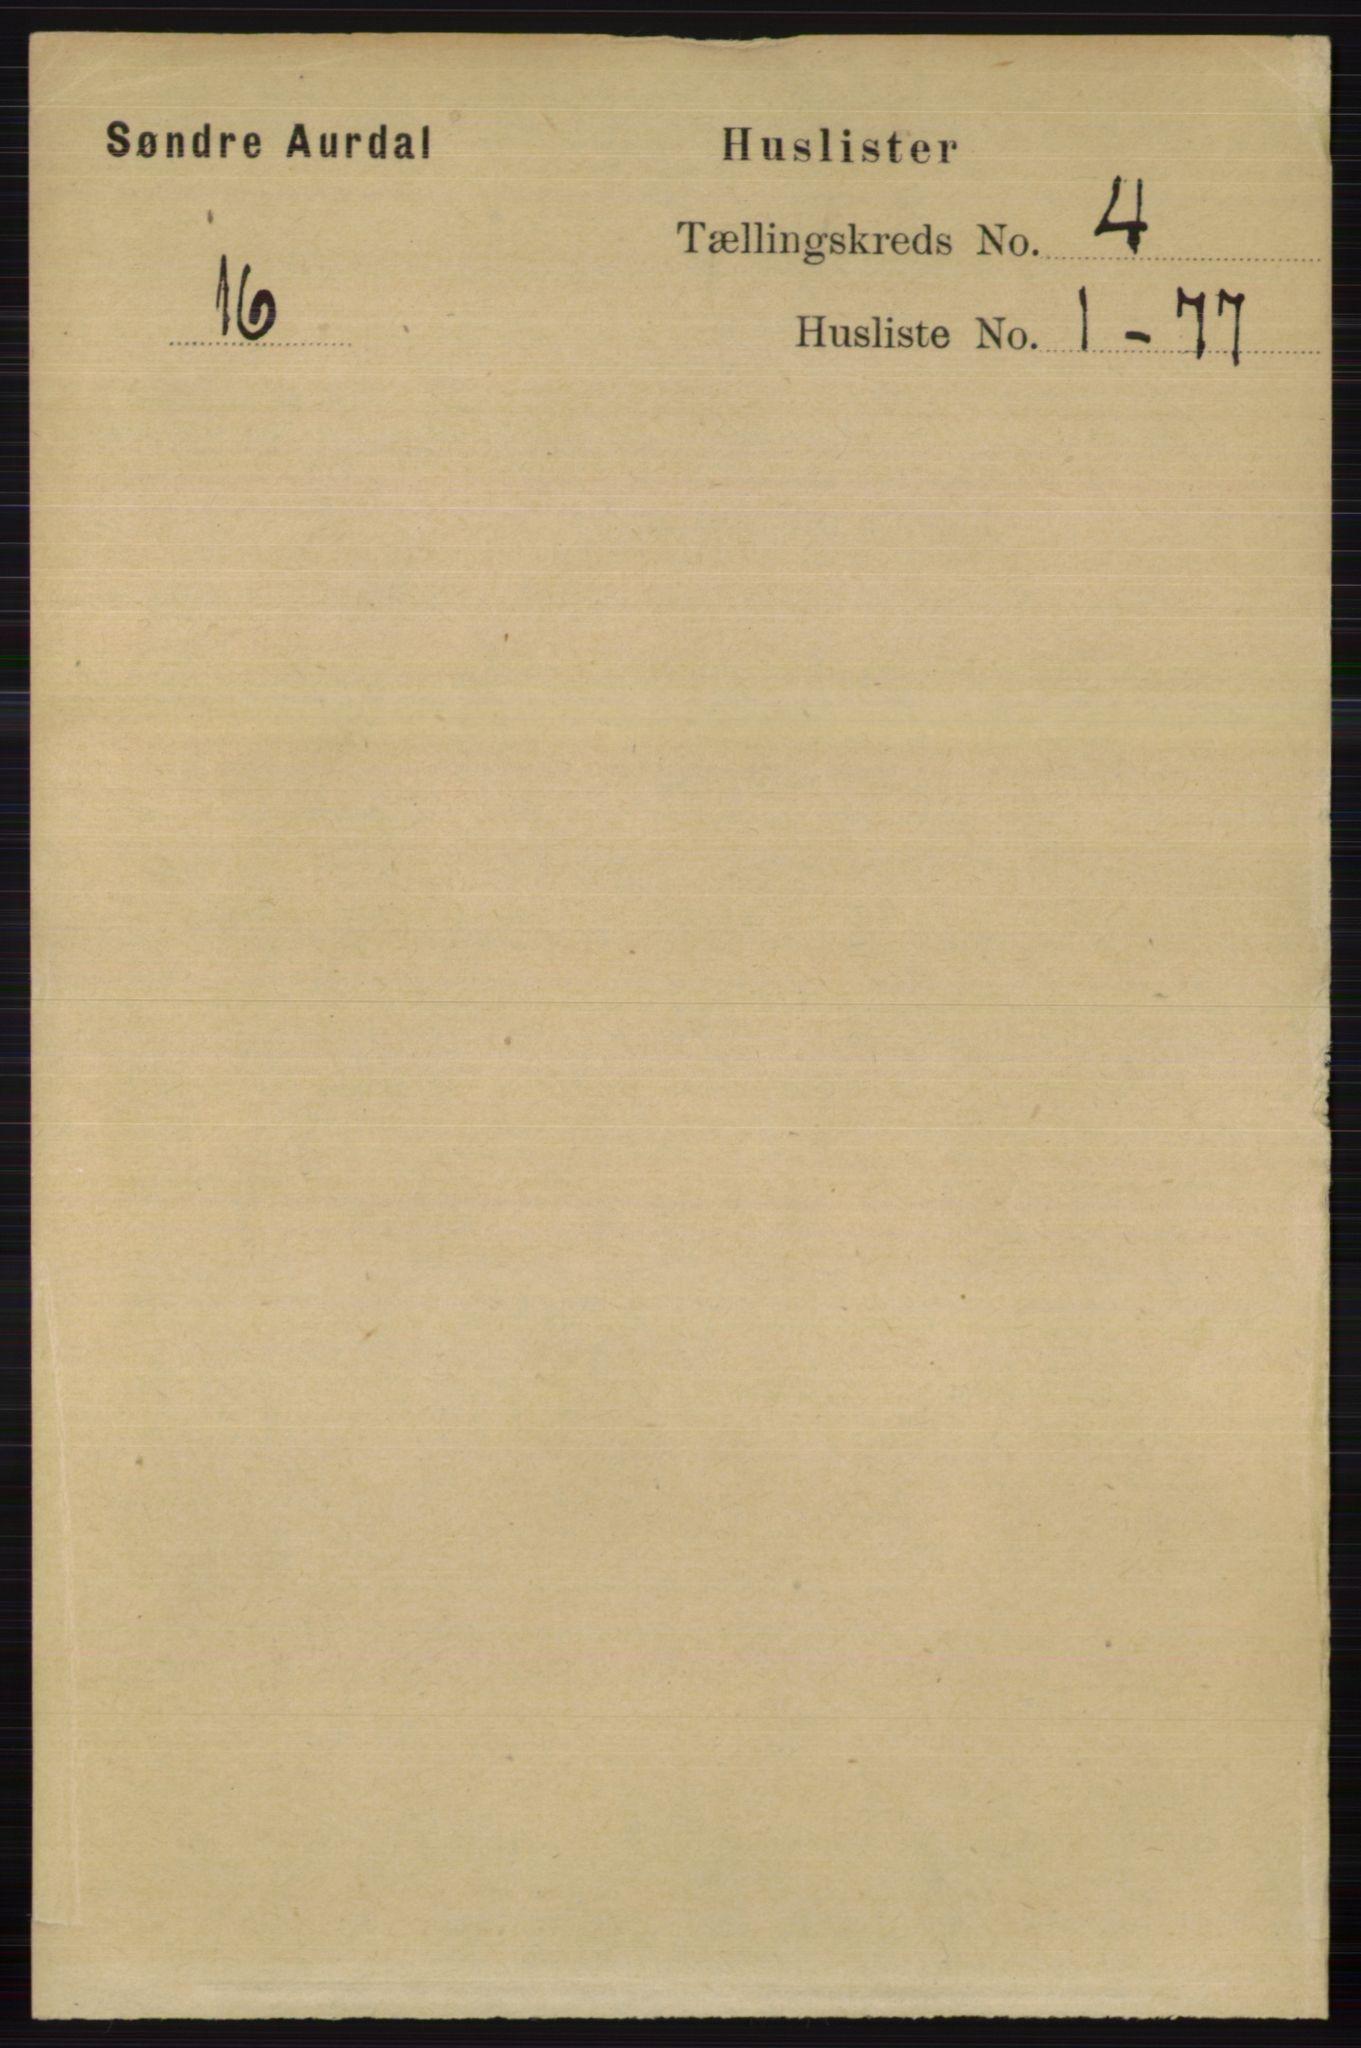 RA, Folketelling 1891 for 0540 Sør-Aurdal herred, 1891, s. 2319